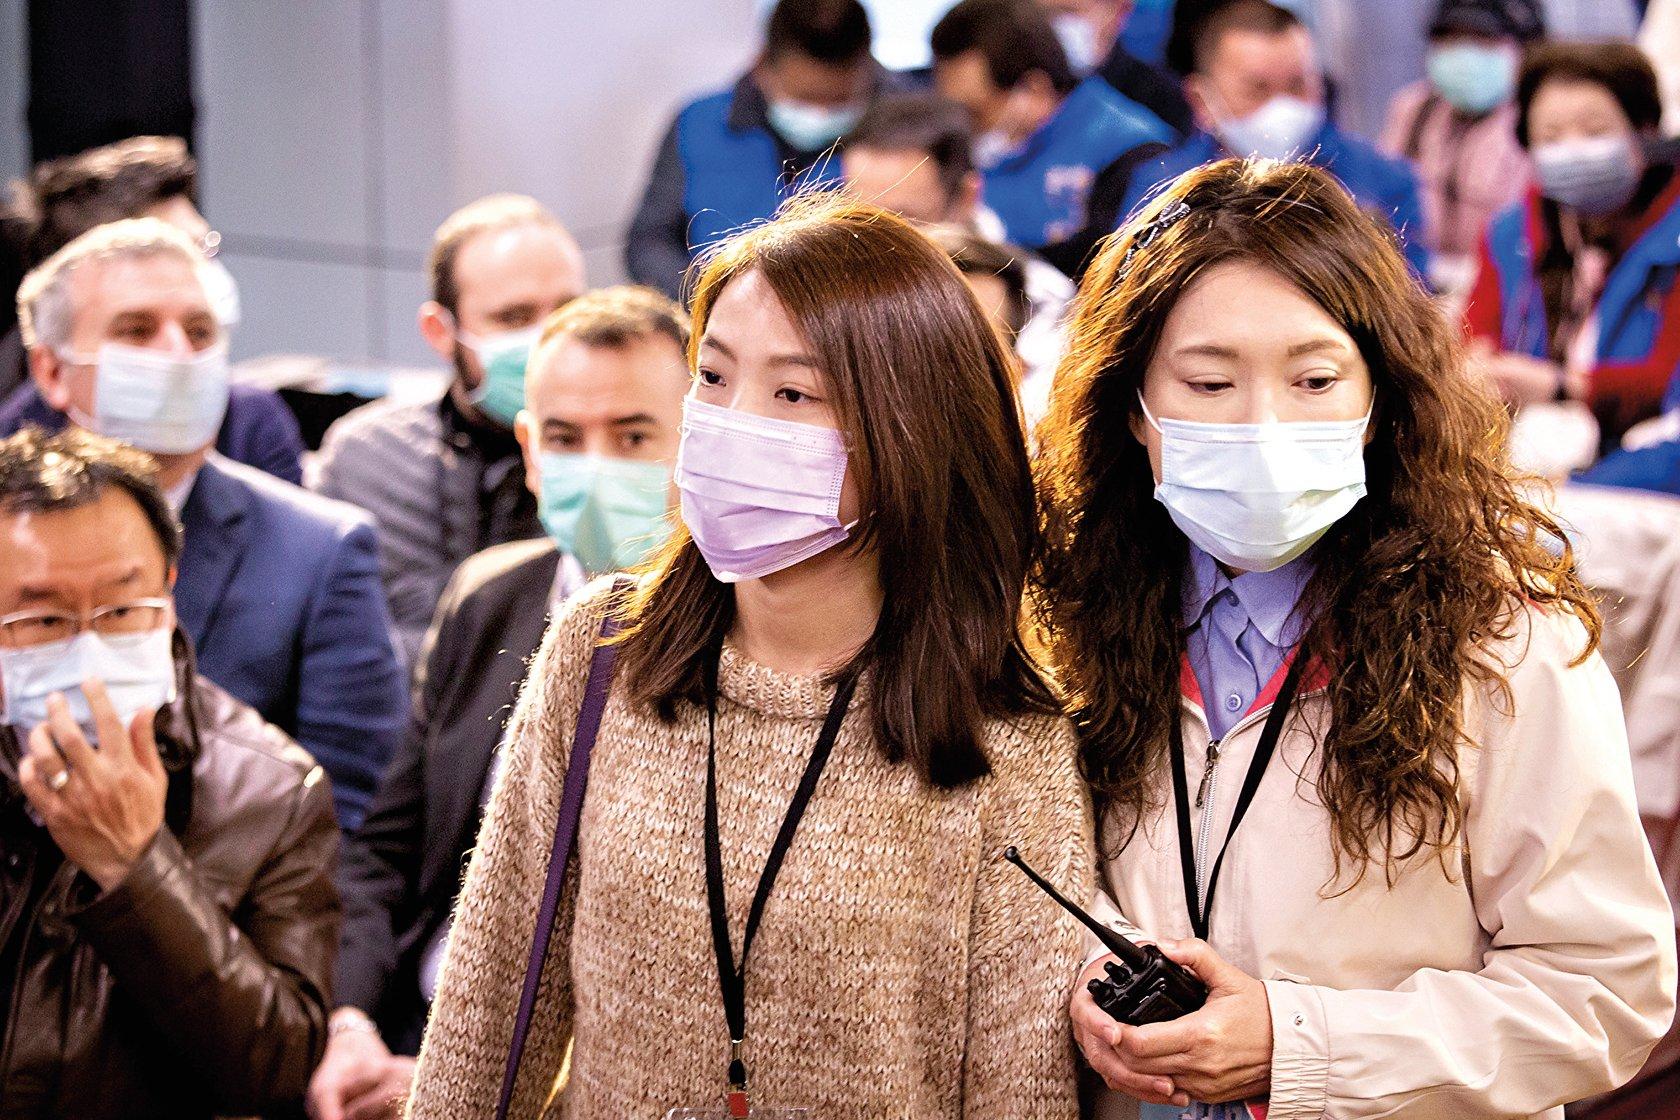 武漢肺炎疫情延燒,不僅波及全中國,更擴散至全球。(陳柏州/大紀元)